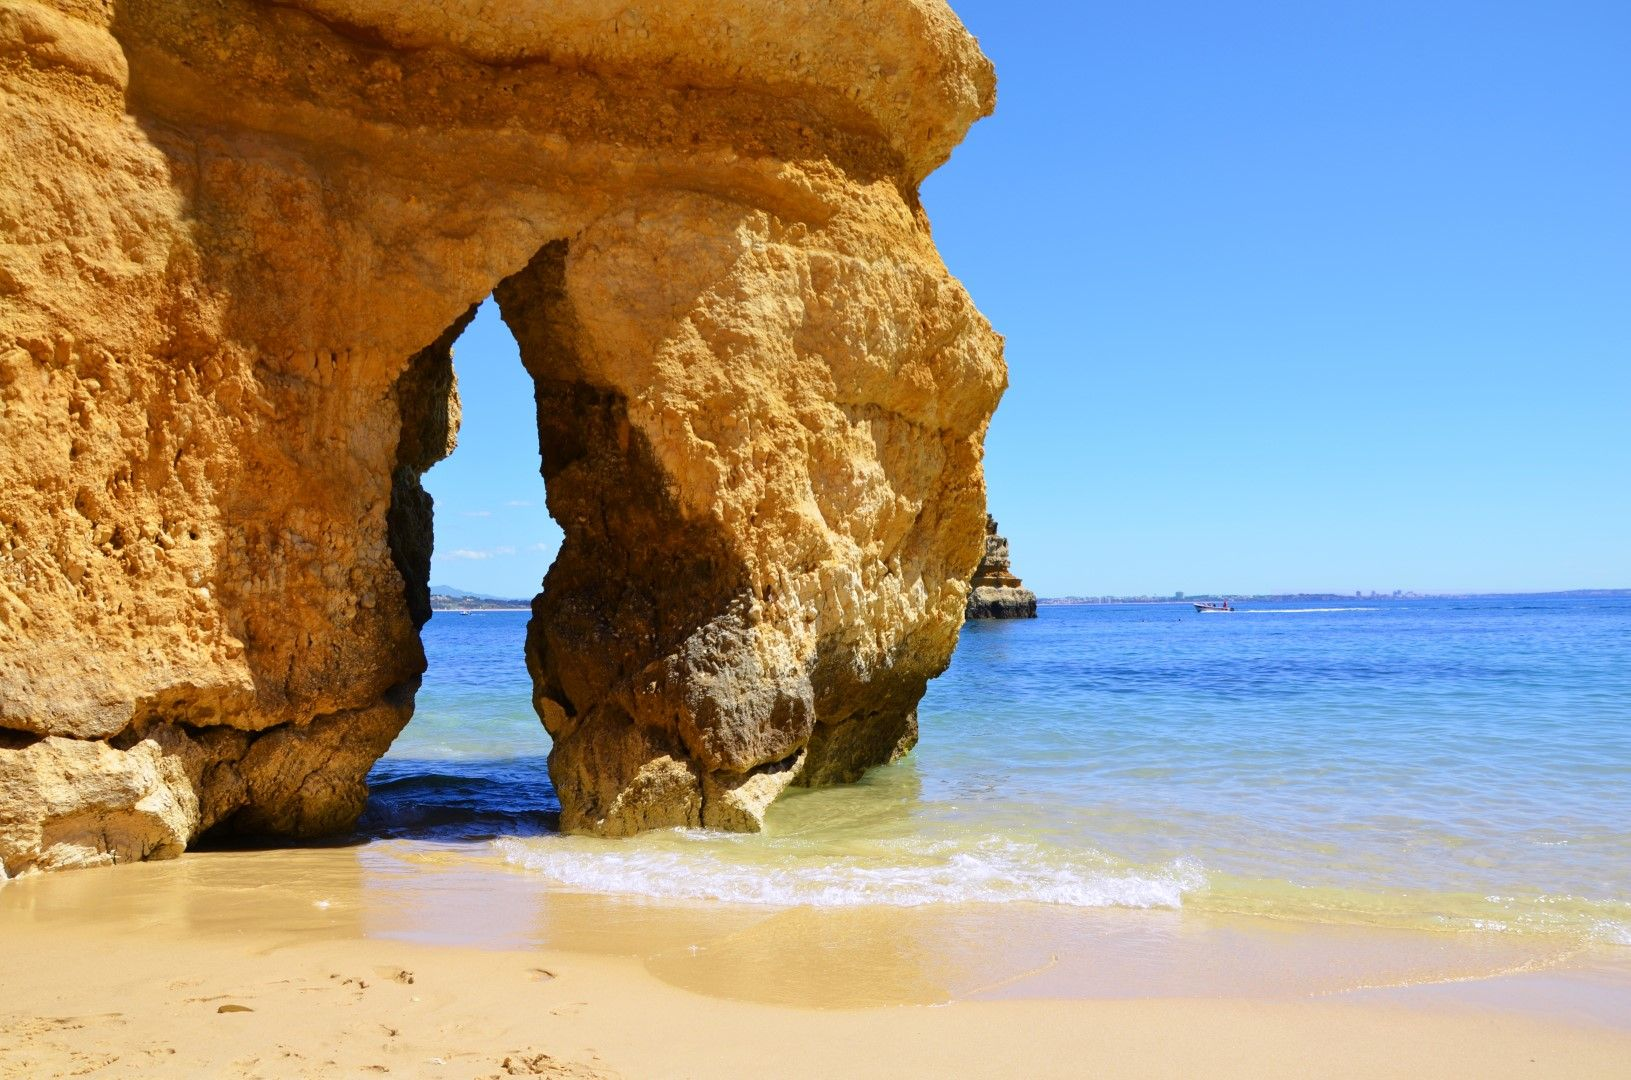 Арката, по която се различава плажът Камило